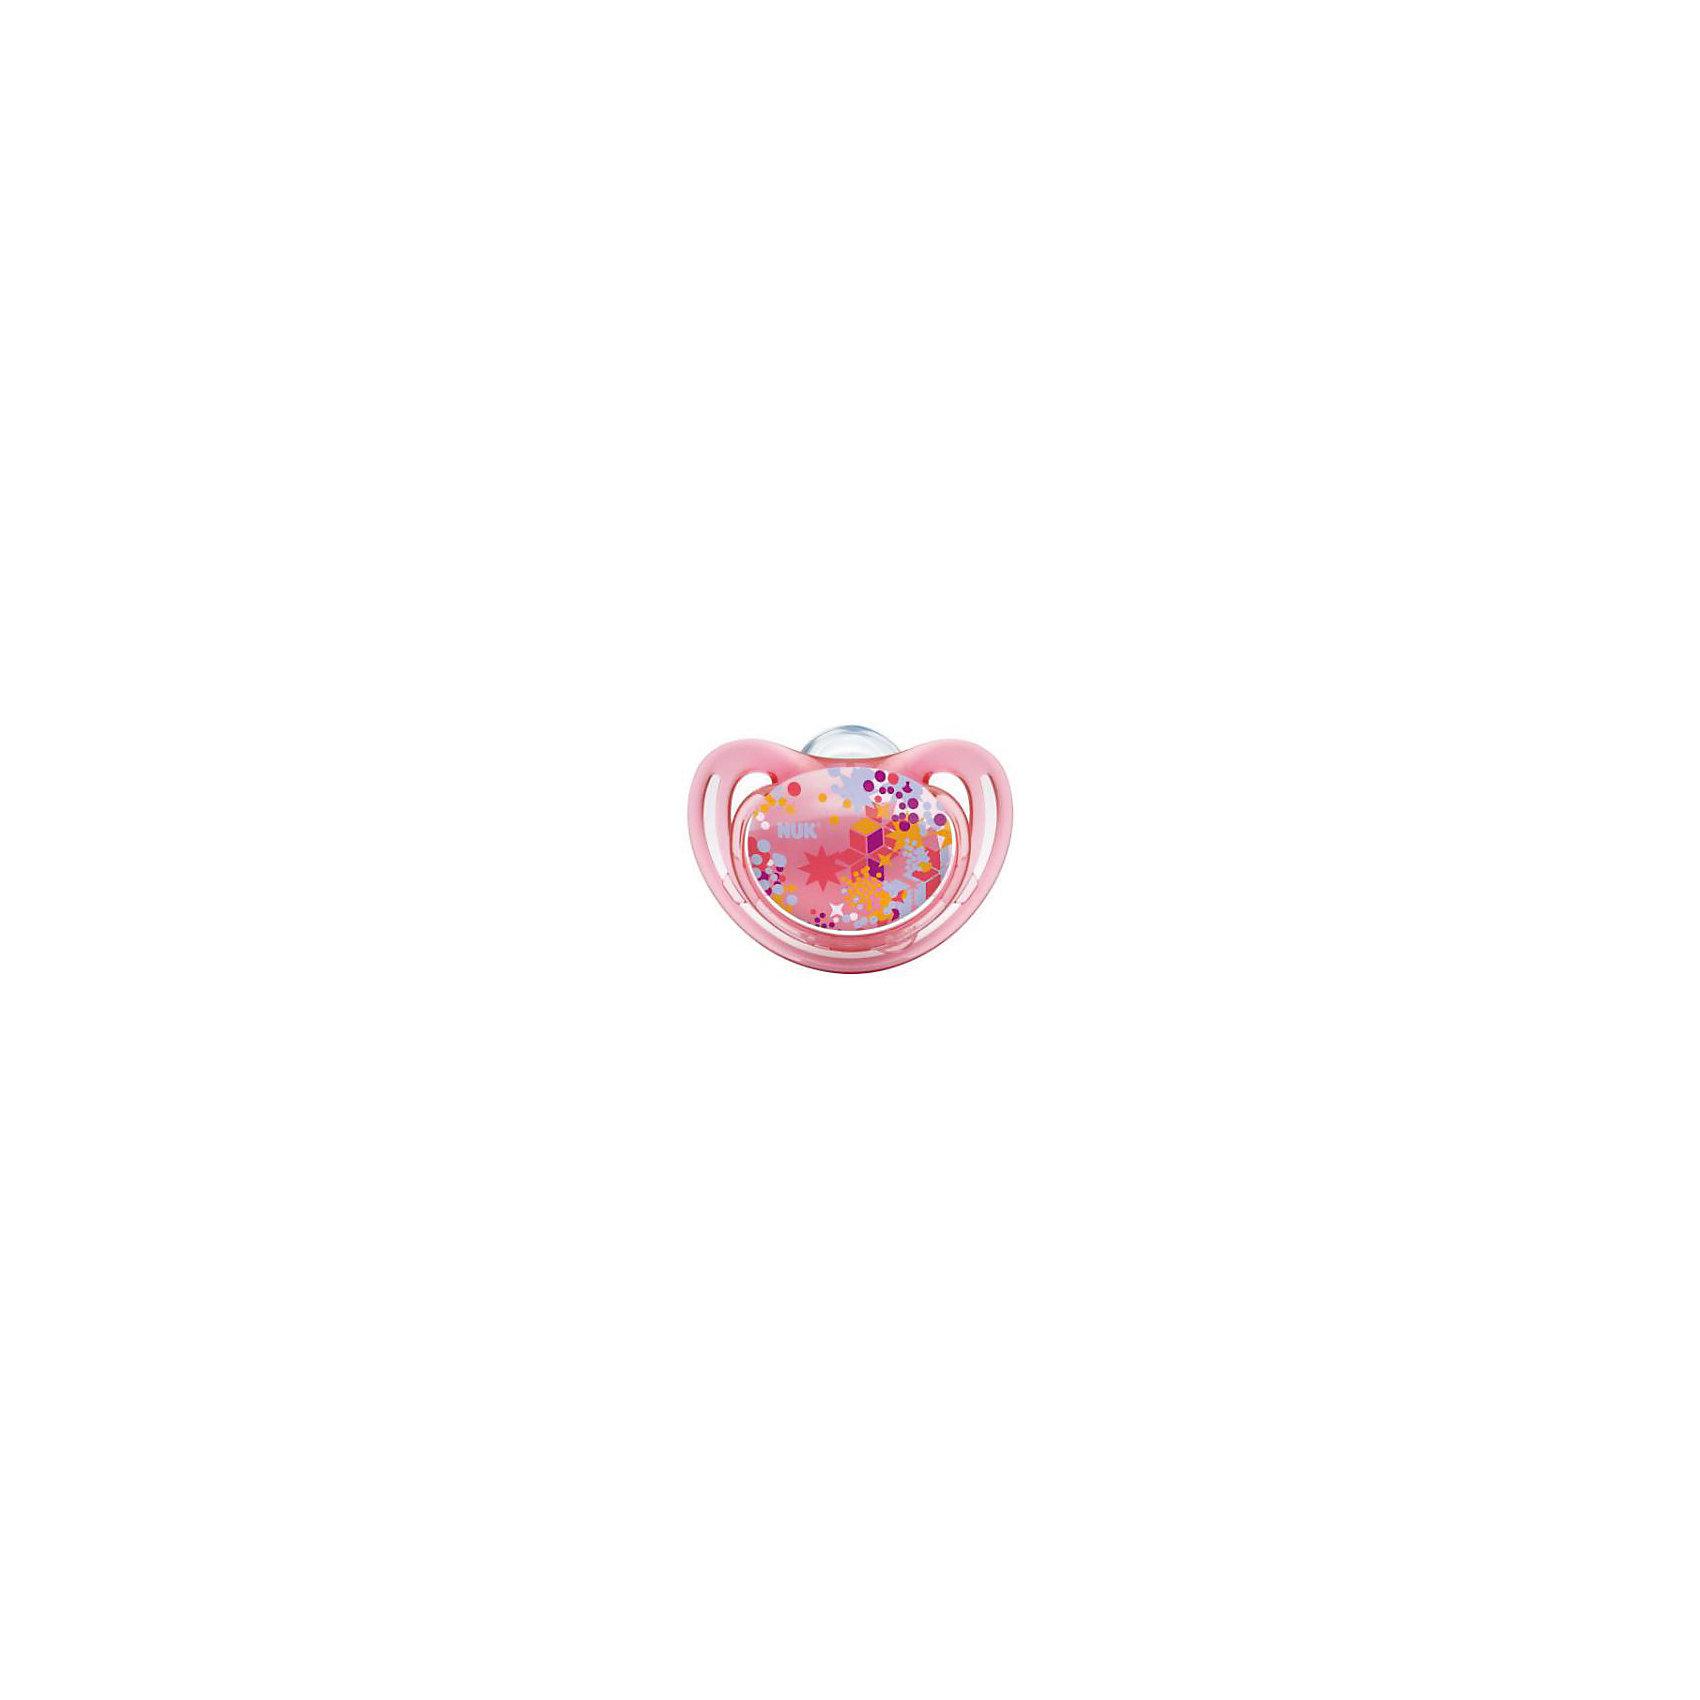 Пустышка силиконовая для сна FREESTYLE Узоры, 18-36 мес., NUK, розовыйПустышки и аксессуары<br>Характеристики изделия:<br><br>- цвет: розовый;<br>- материал: силикон, полиэстер;<br>- ортодонтическая форма;<br>- меньшее количество точек соприкосновения с кожей;<br>- с колечком;<br>- упаковка из 100% биопластика;<br>- размер 3.<br><br>Детские товары существенно облегчают жизнь молодым мамам. Существует множество полезных в период материнства вещей. К таким относится и пустышка. <br>Данная модель разработана совместно с ортодонтами. Мягкий материал подойдет для ротовой полости ребенка. Пустышка легко очищается от любых поверхностных загрязнений. Она помогает правильно сформировать прикус и нормально развиться ротовой полости.<br><br>Пустышку силиконовую для сна FREESTYLE 1 шт. от производителя NUK можно купить в нашем магазине.<br><br>Ширина мм: 75<br>Глубина мм: 75<br>Высота мм: 105<br>Вес г: 38<br>Возраст от месяцев: 18<br>Возраст до месяцев: 36<br>Пол: Унисекс<br>Возраст: Детский<br>SKU: 5065291